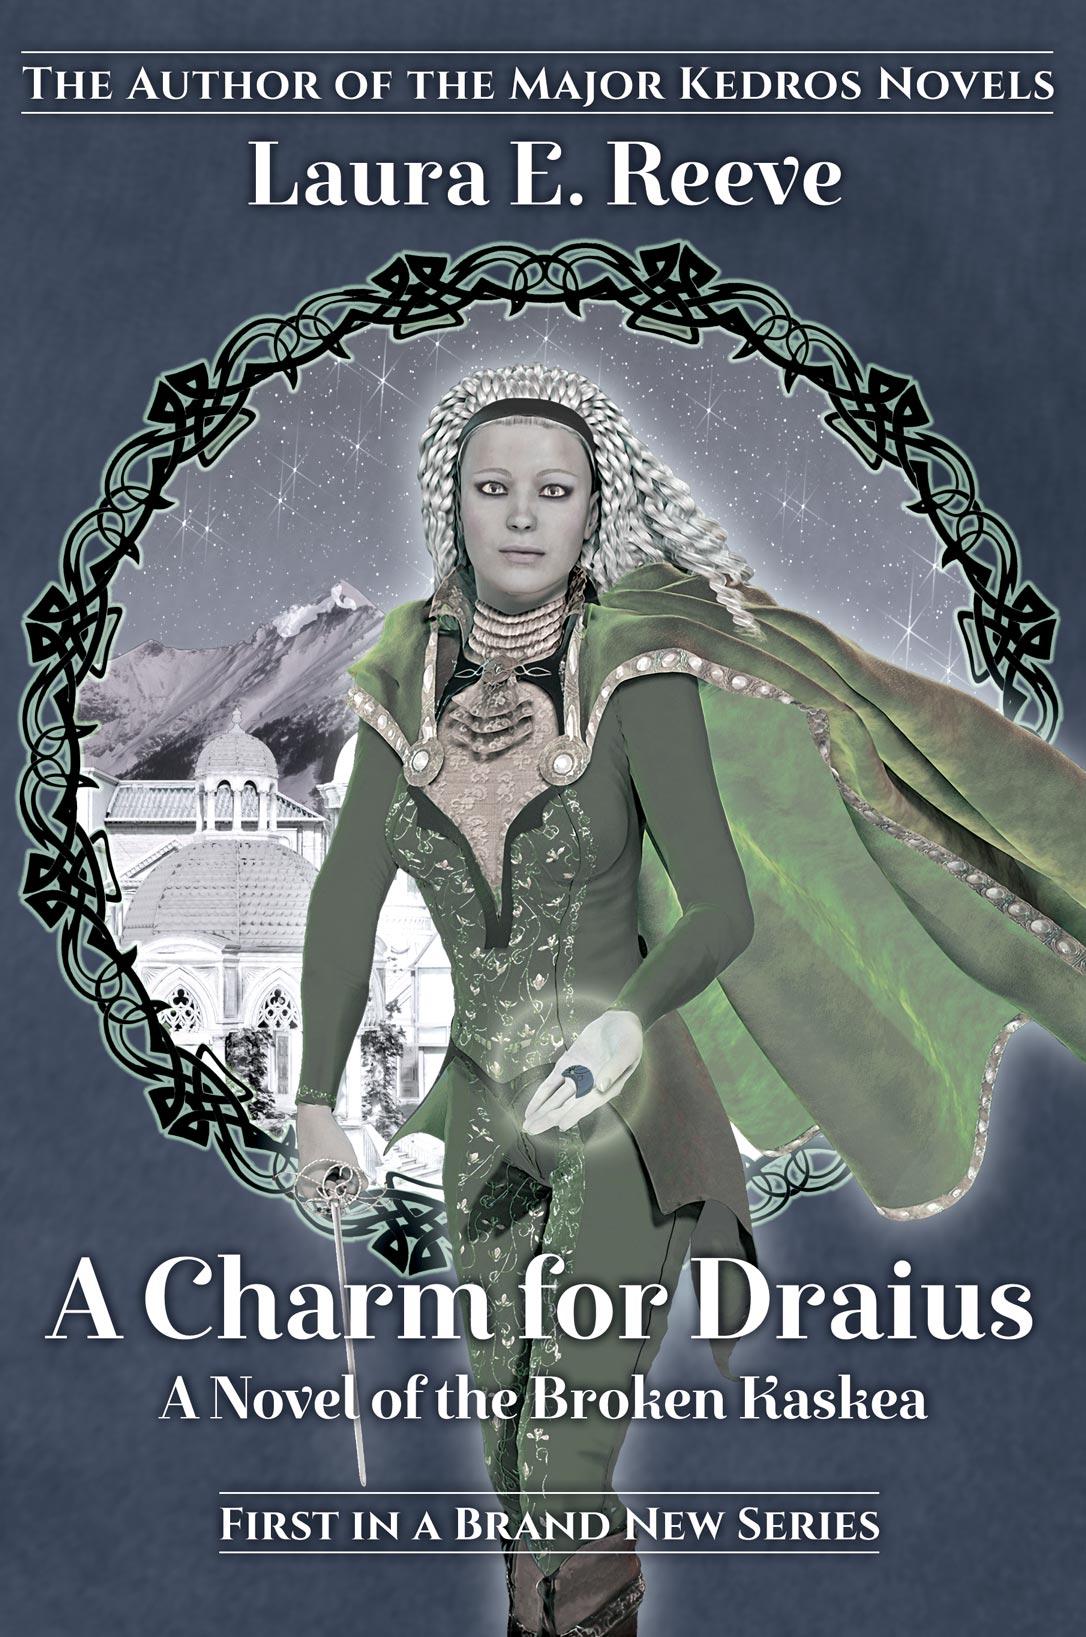 A Charm for Draius | AncestralStars com